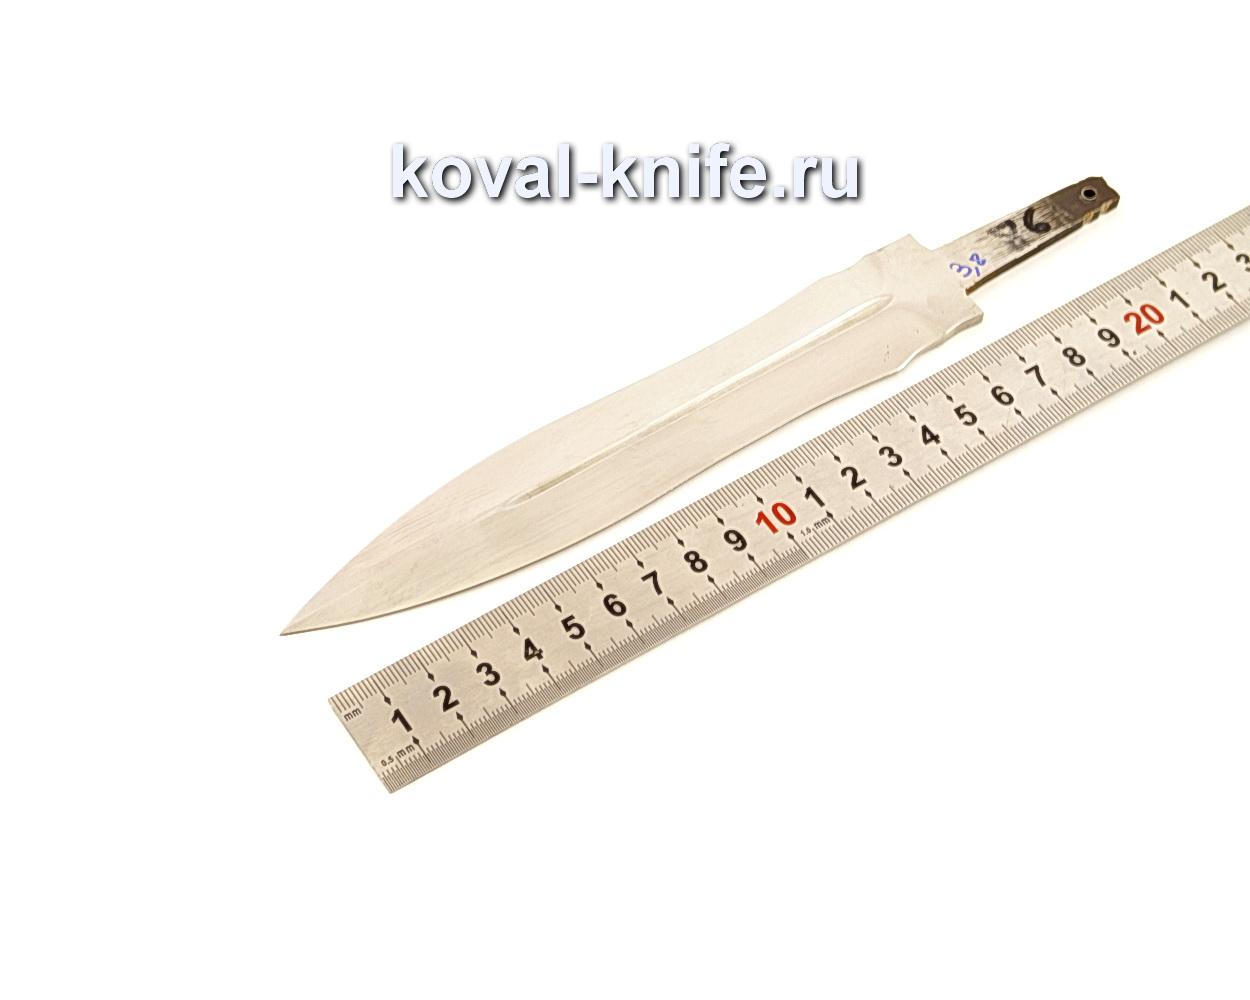 Клинок для Кинжала из кованой стали Х12МФ N86